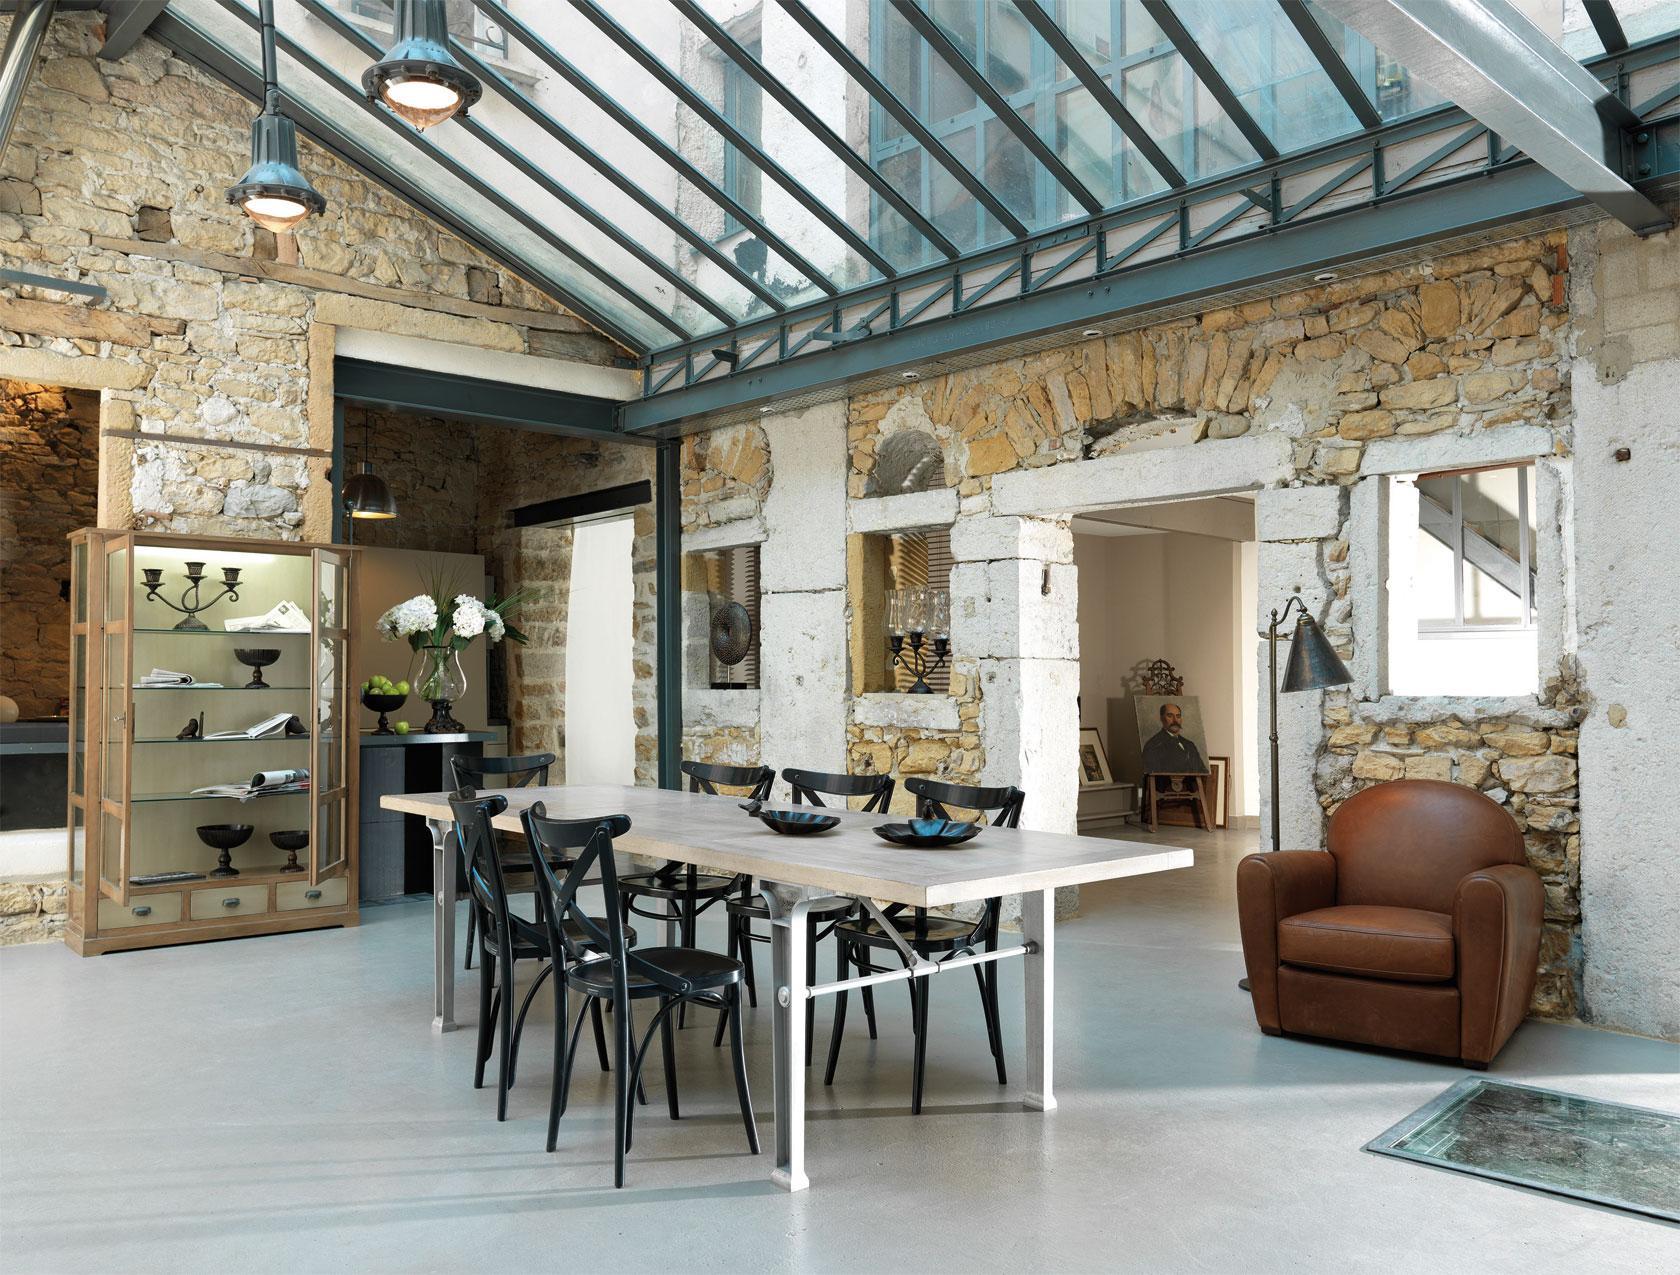 Spannende Zusammenstellung von Steinwänden und Glasdach-Steinwand Innendesign geräumiger Essraum Designer